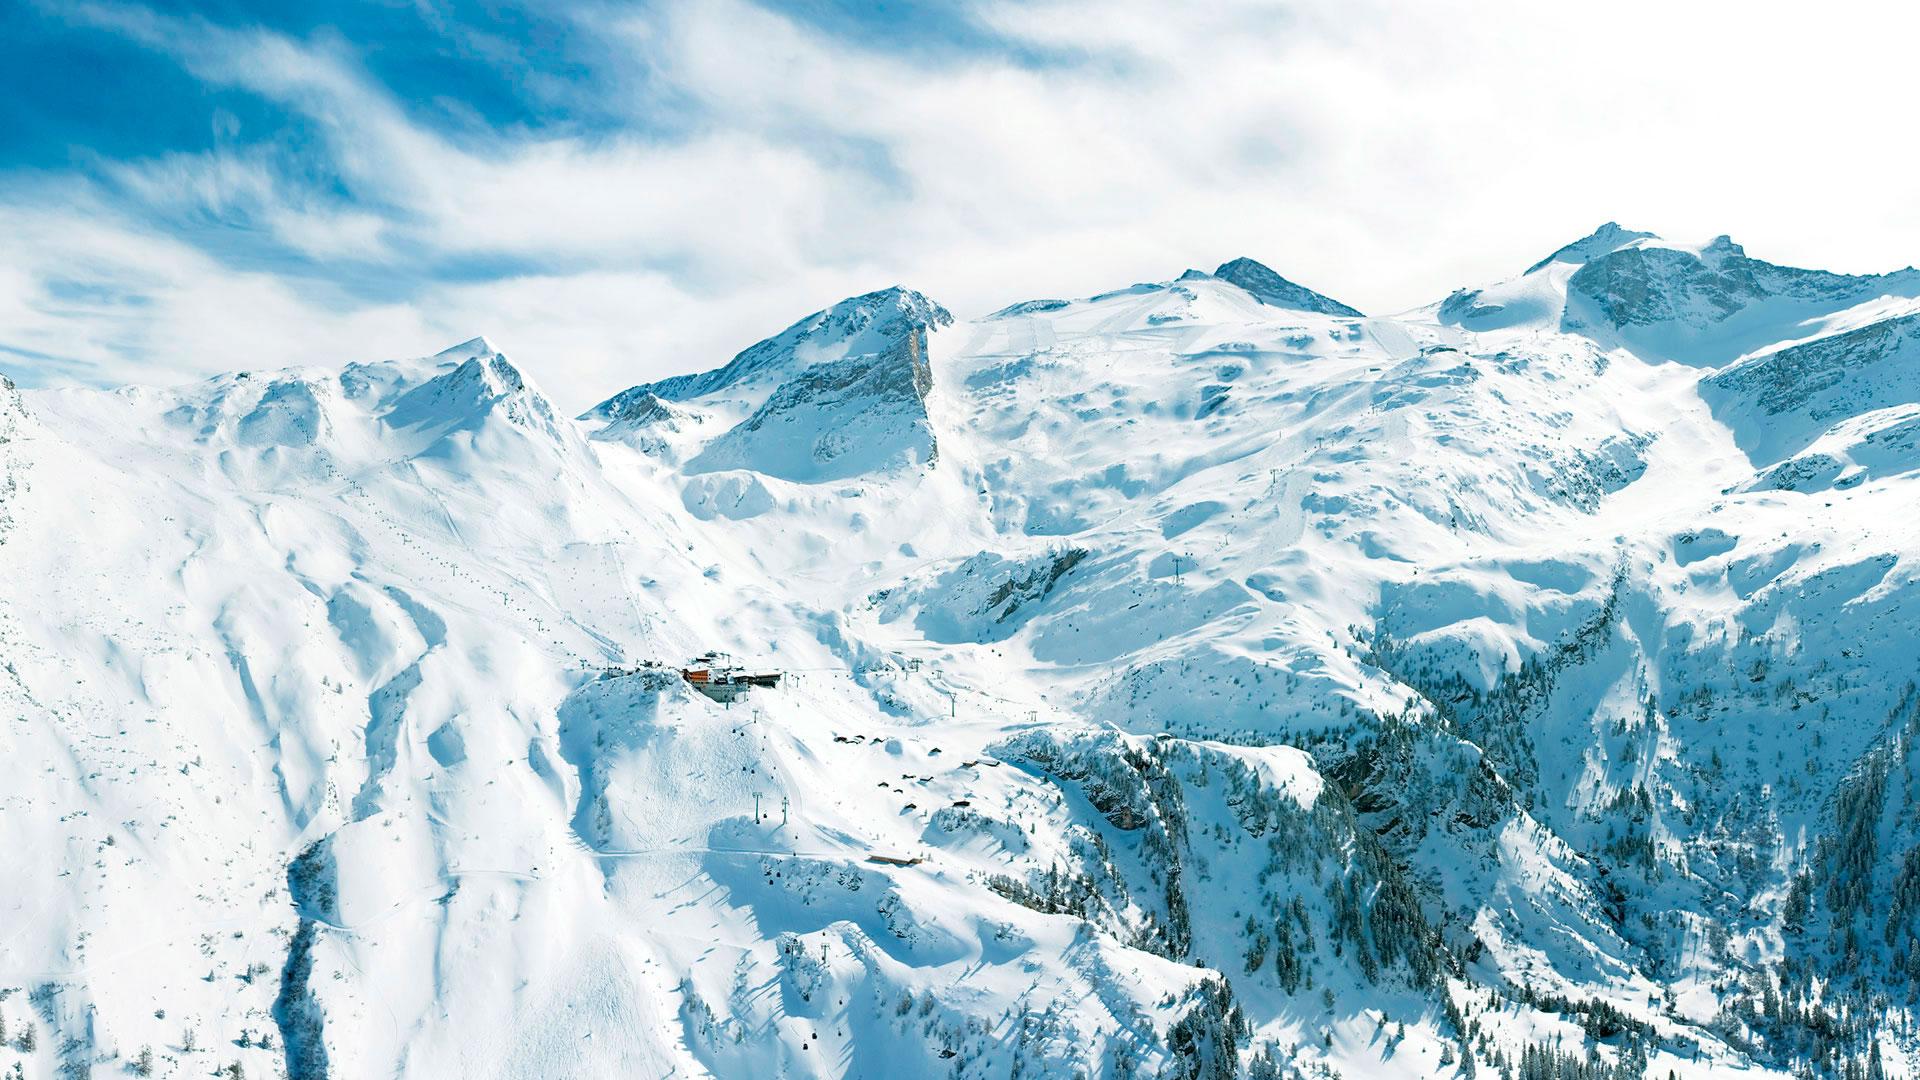 Обои снежные горы горы в снегу